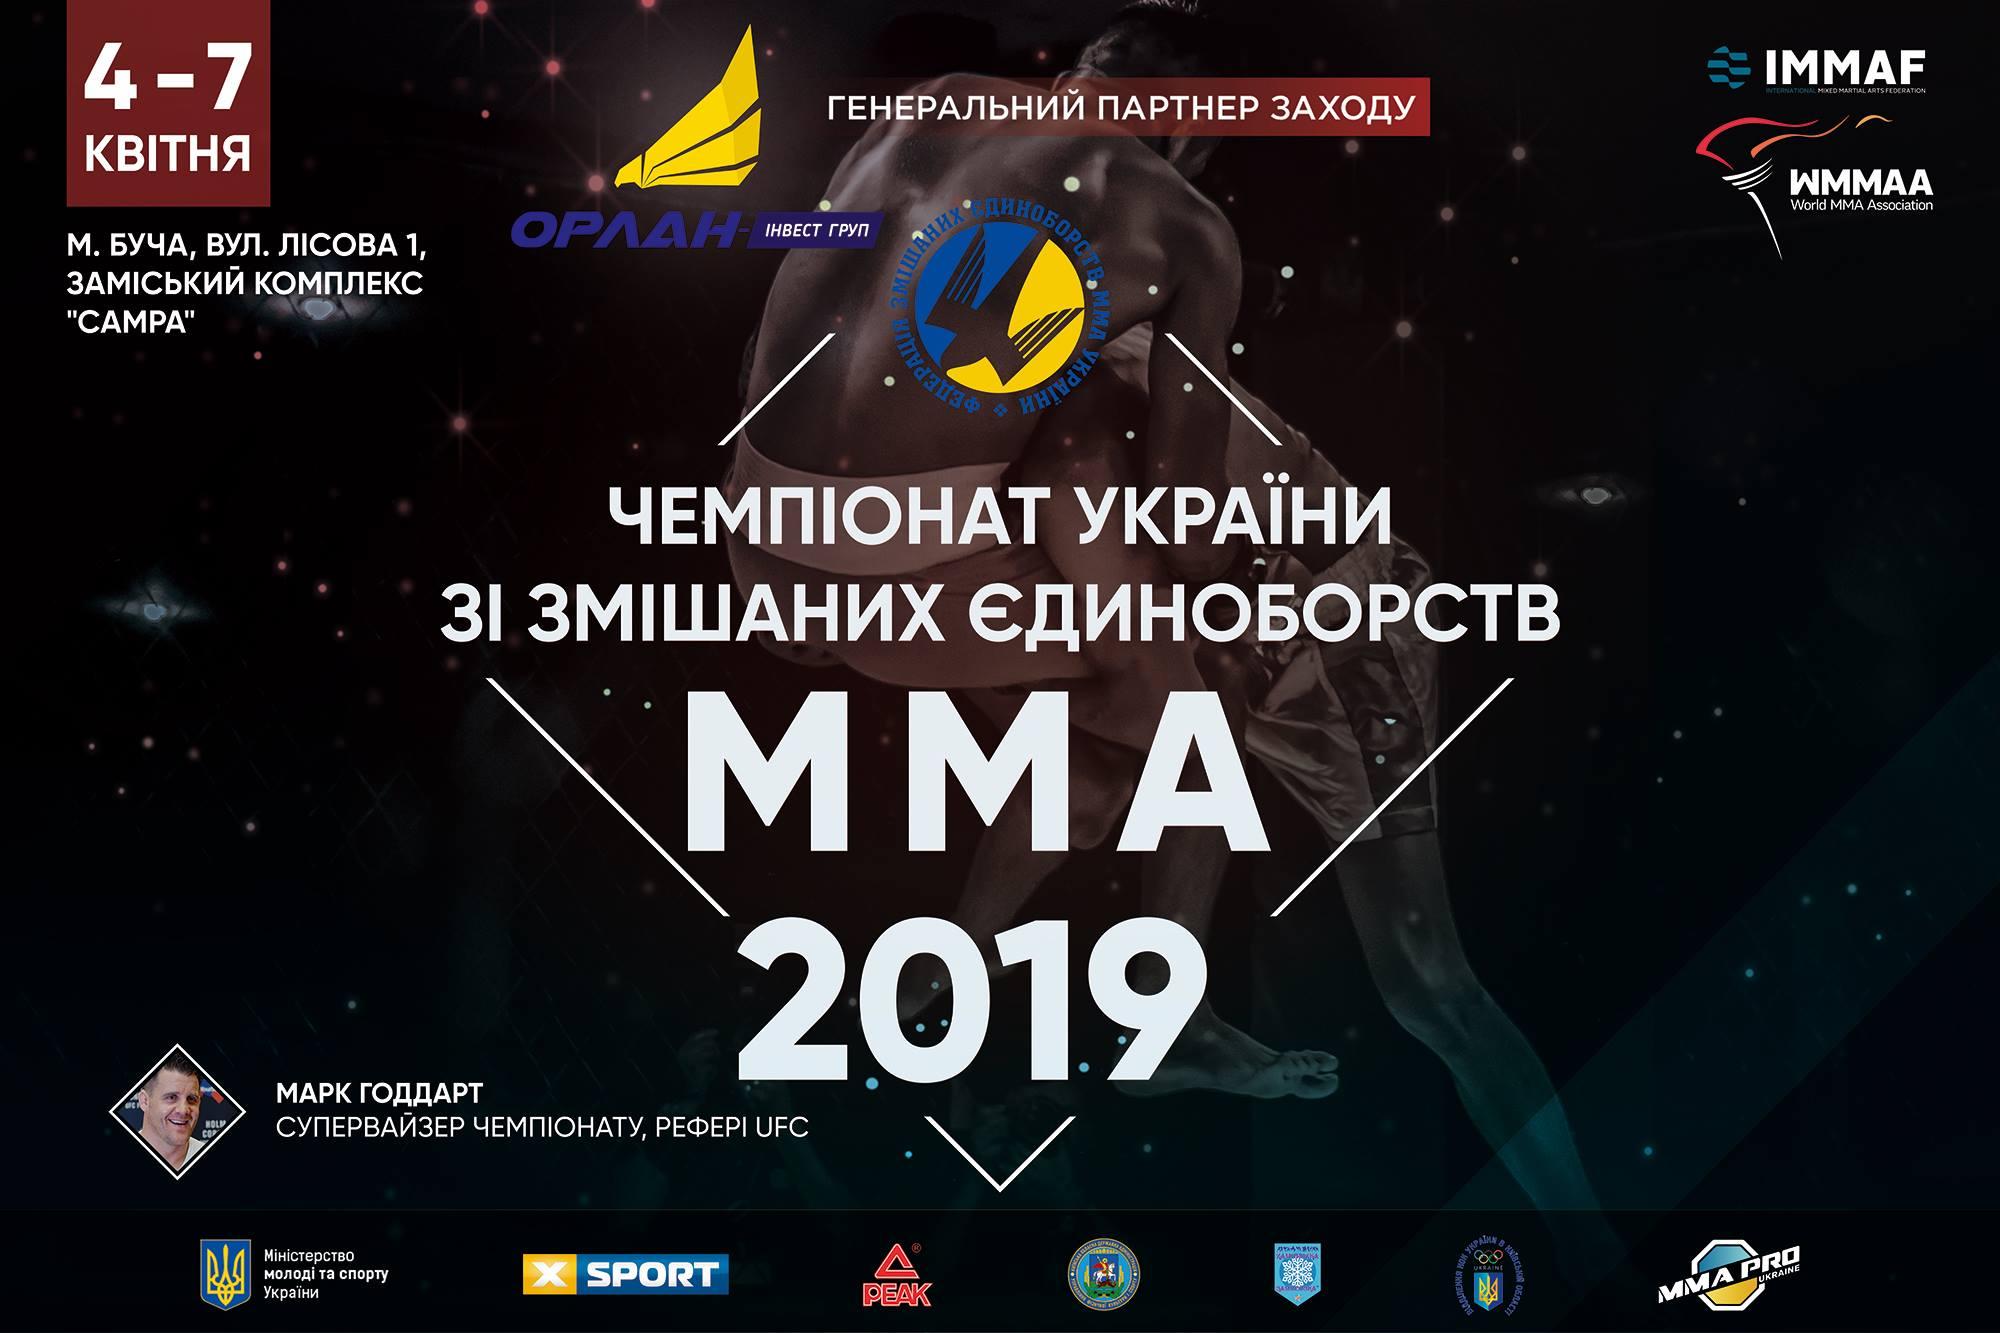 Чемпіонат України зі змішаних єдиноборств ММА. Фото